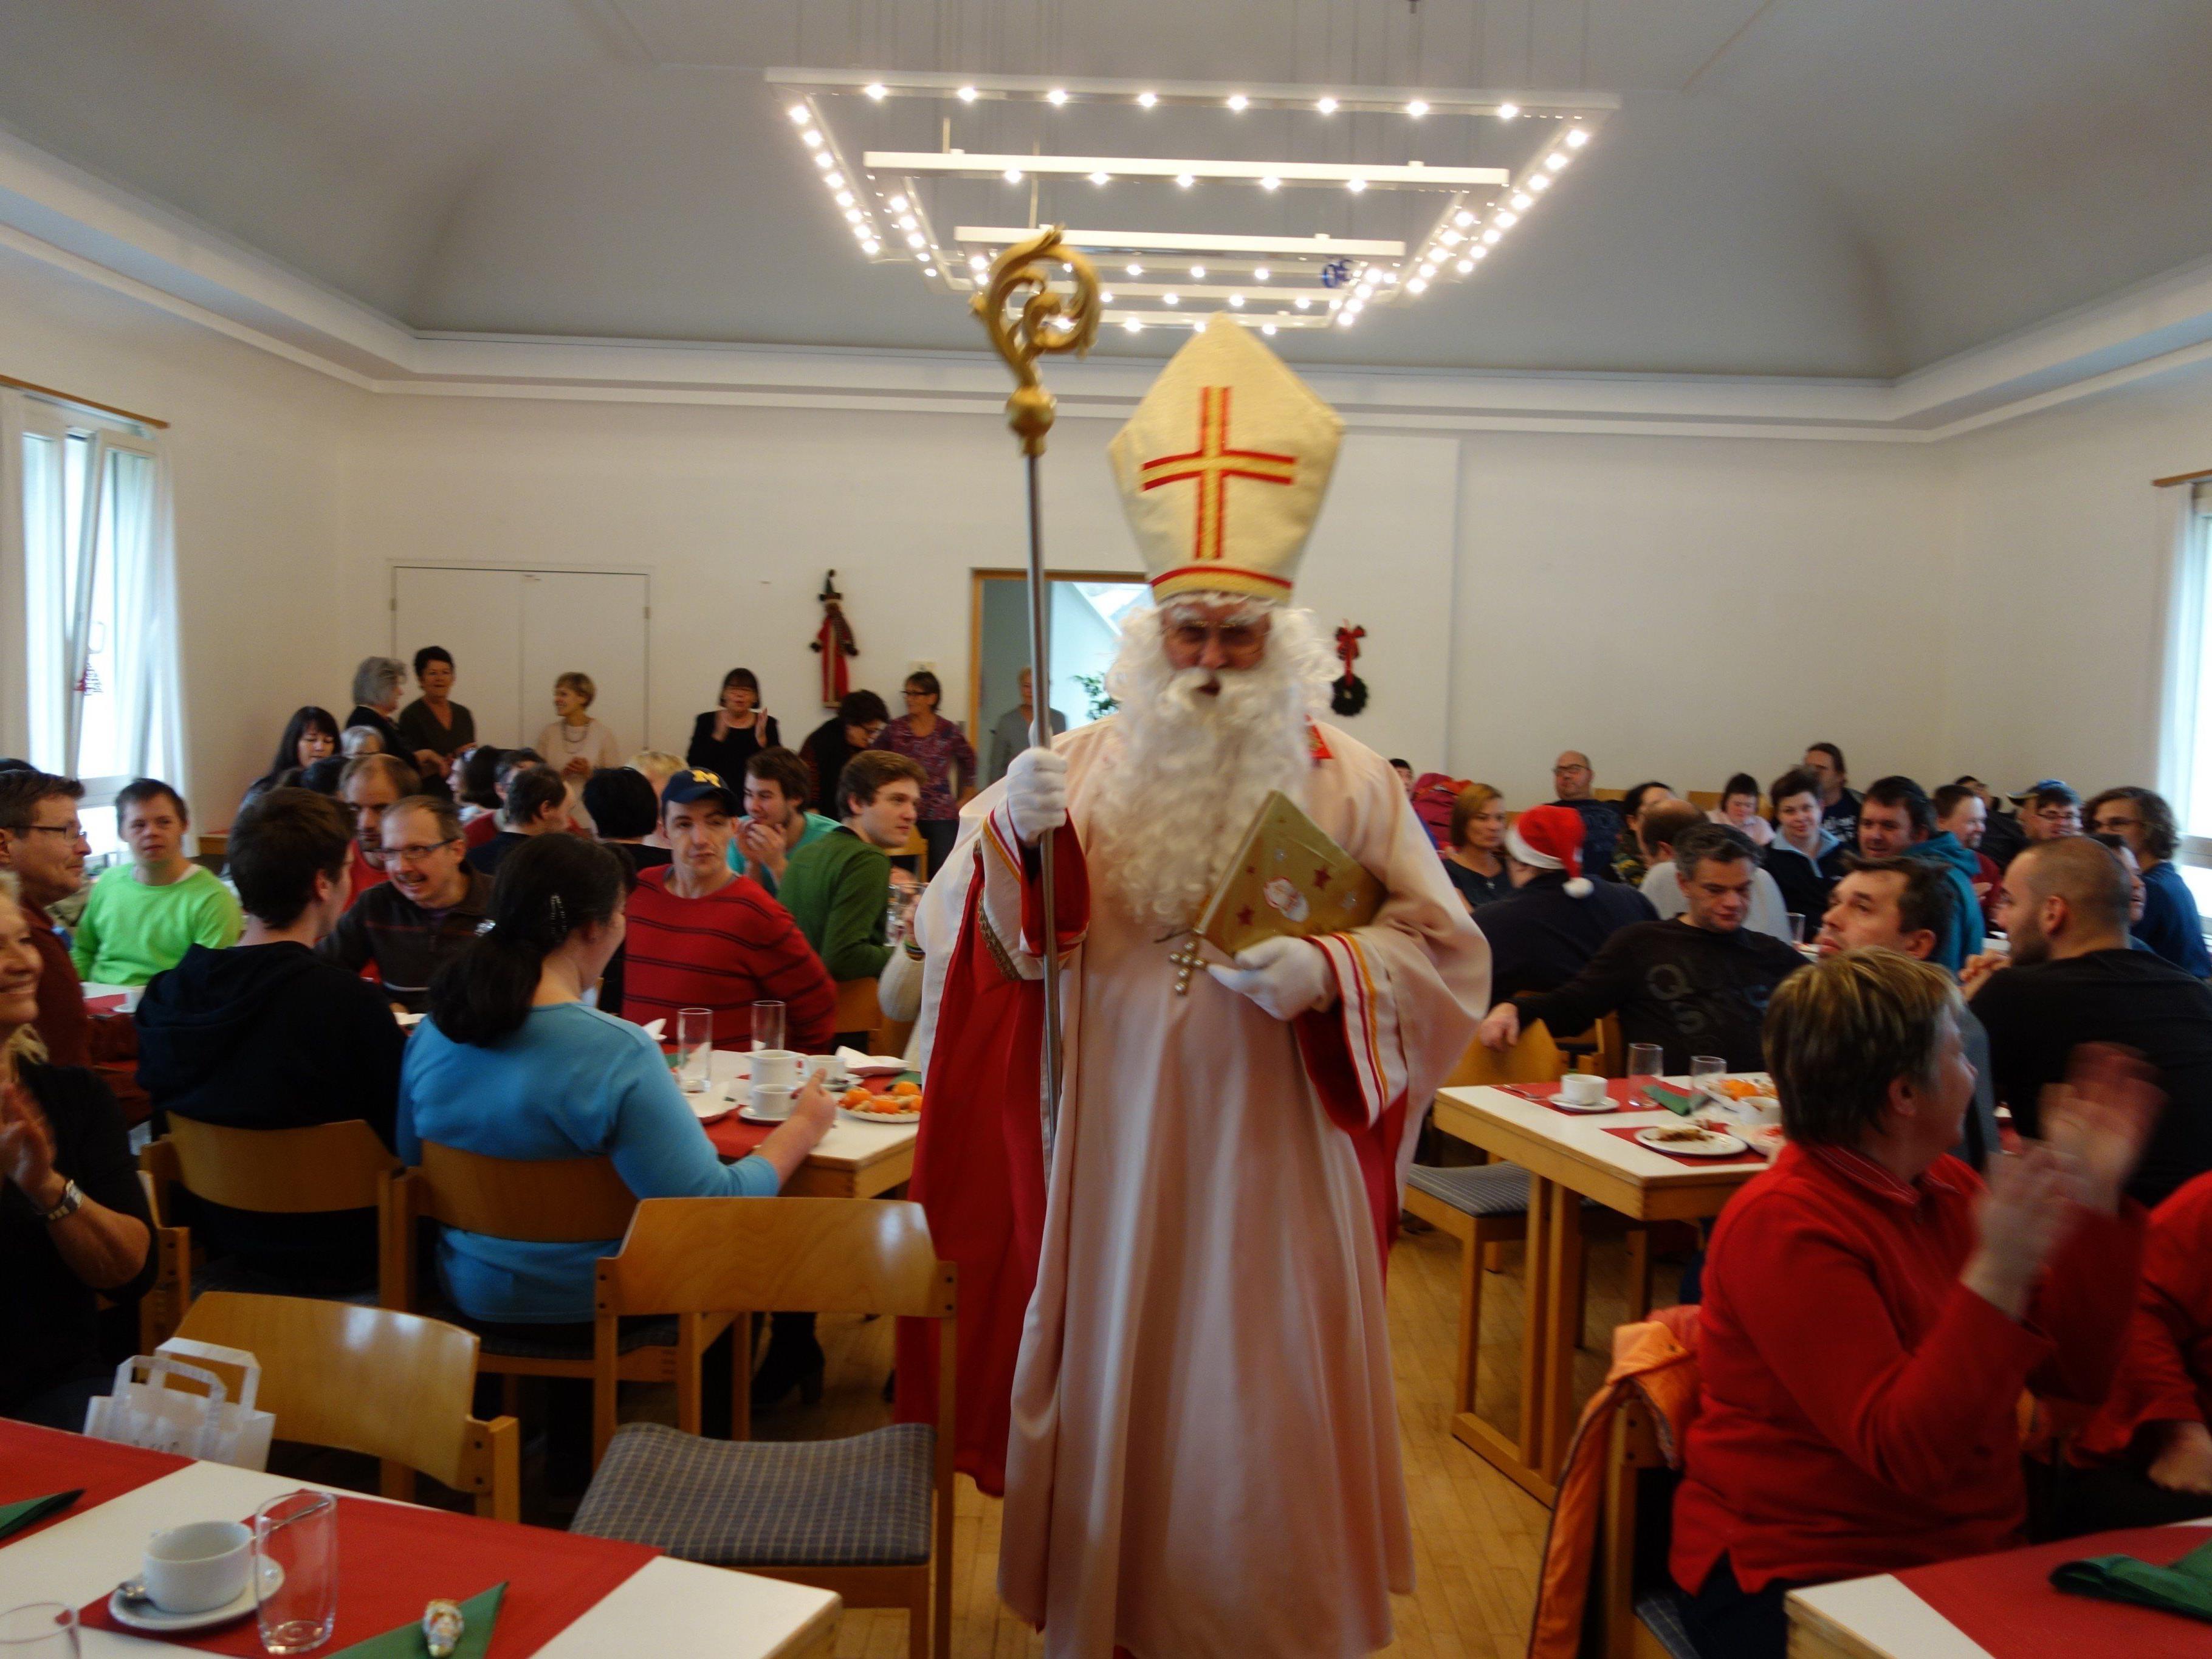 Einzug des Nikolaus für die Menschen der Lebenshilfe